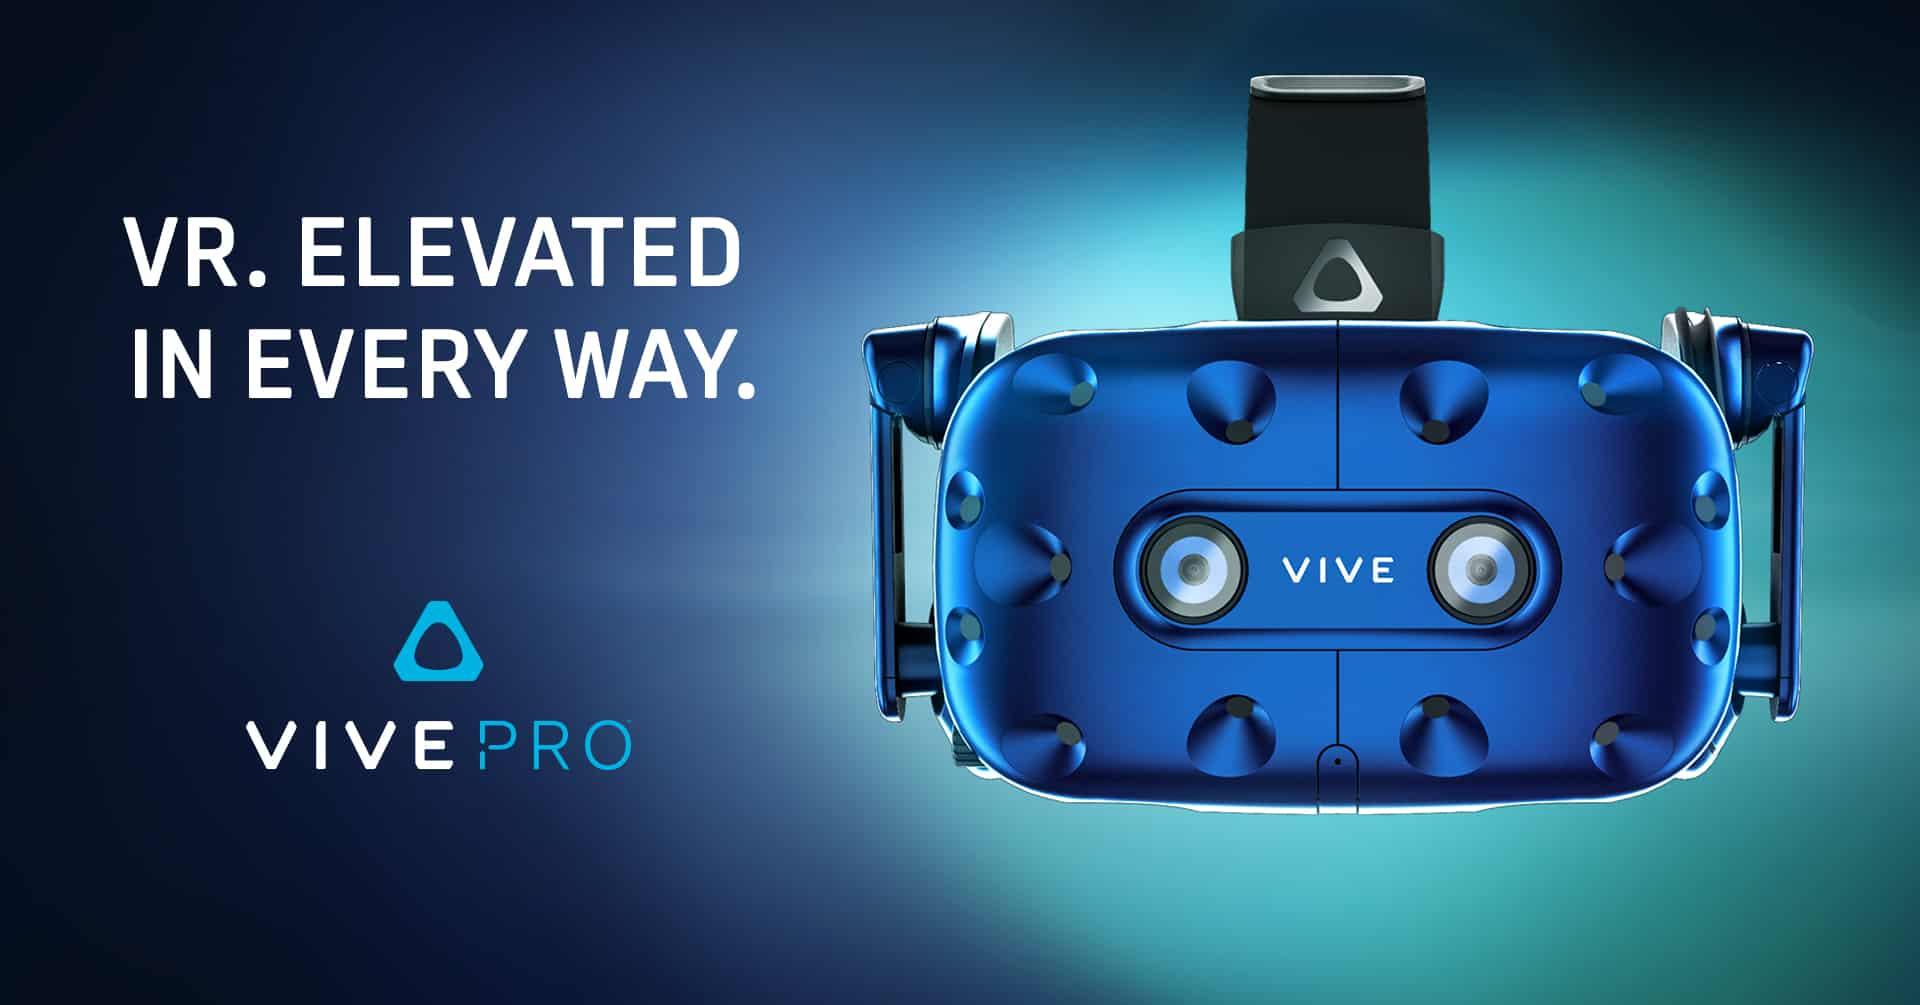 vive pro - HTC Vive Pro - Preordini aperti ad un prezzo esorbitante